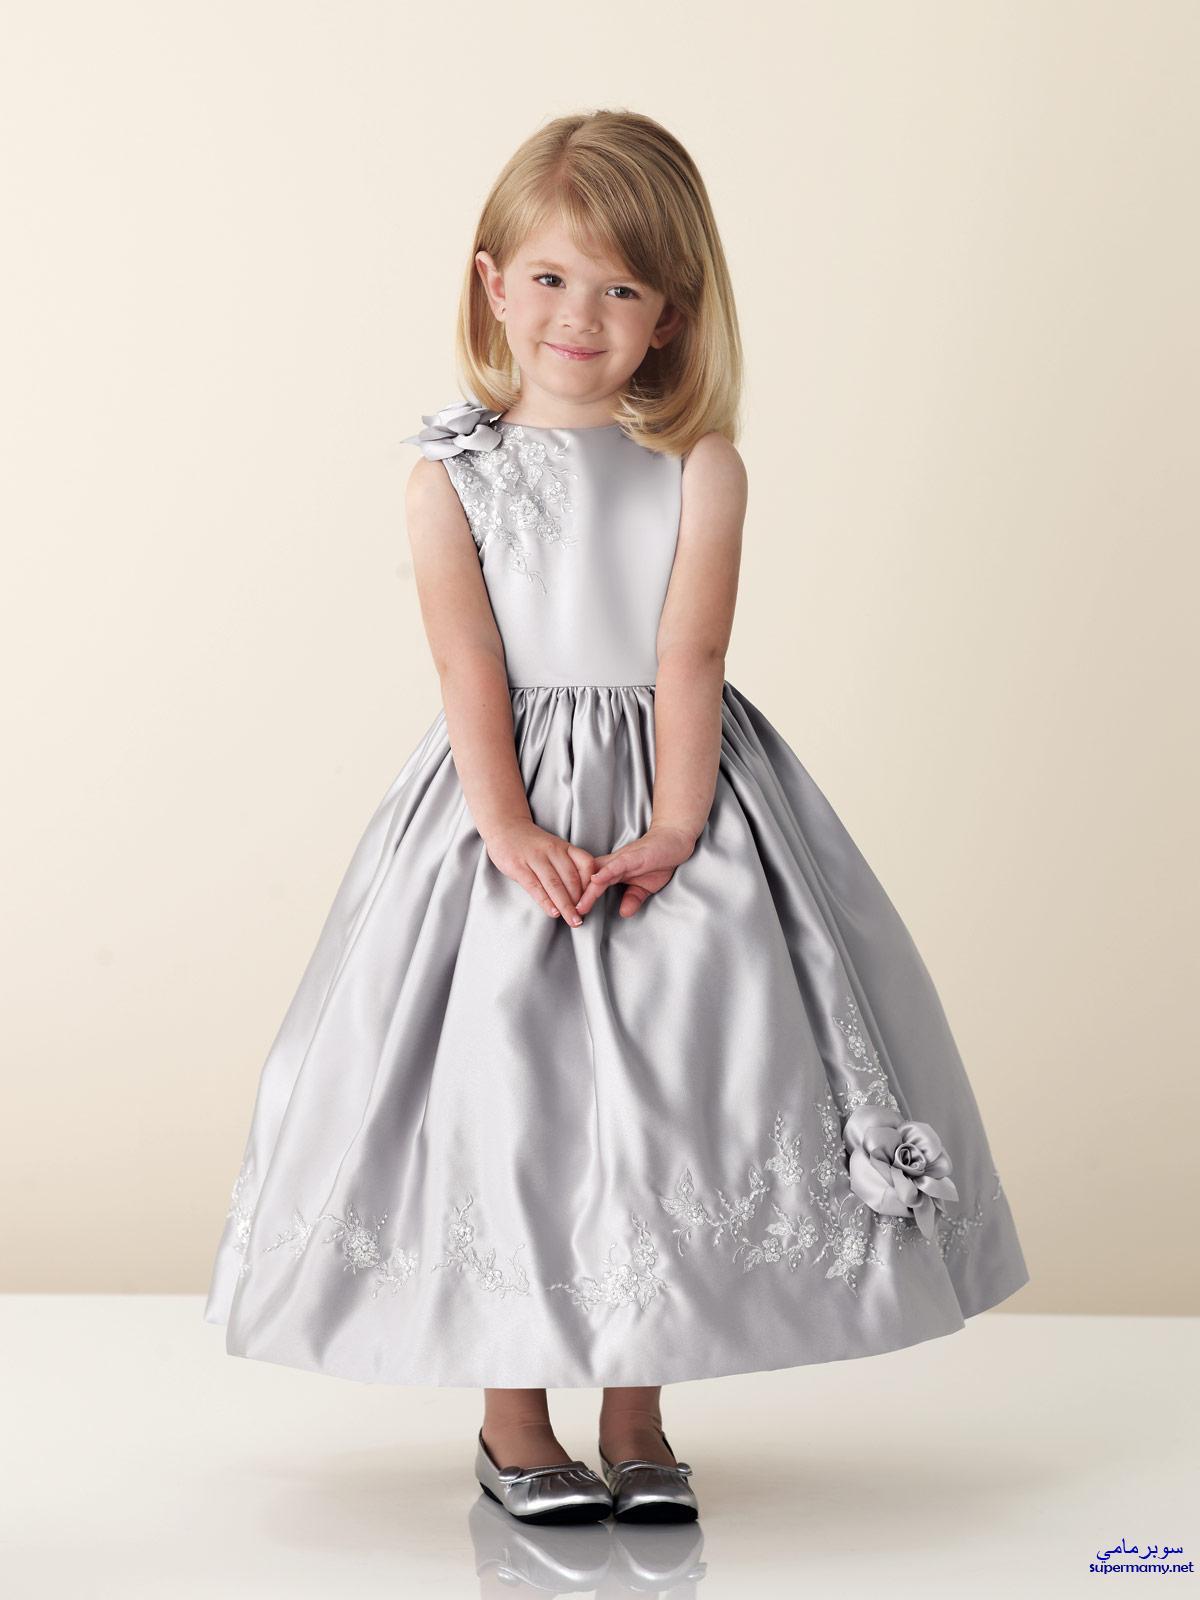 بالصور فساتين اطفال جديدة , تشكيلة منوعة لفستان بنوتة 1292 4